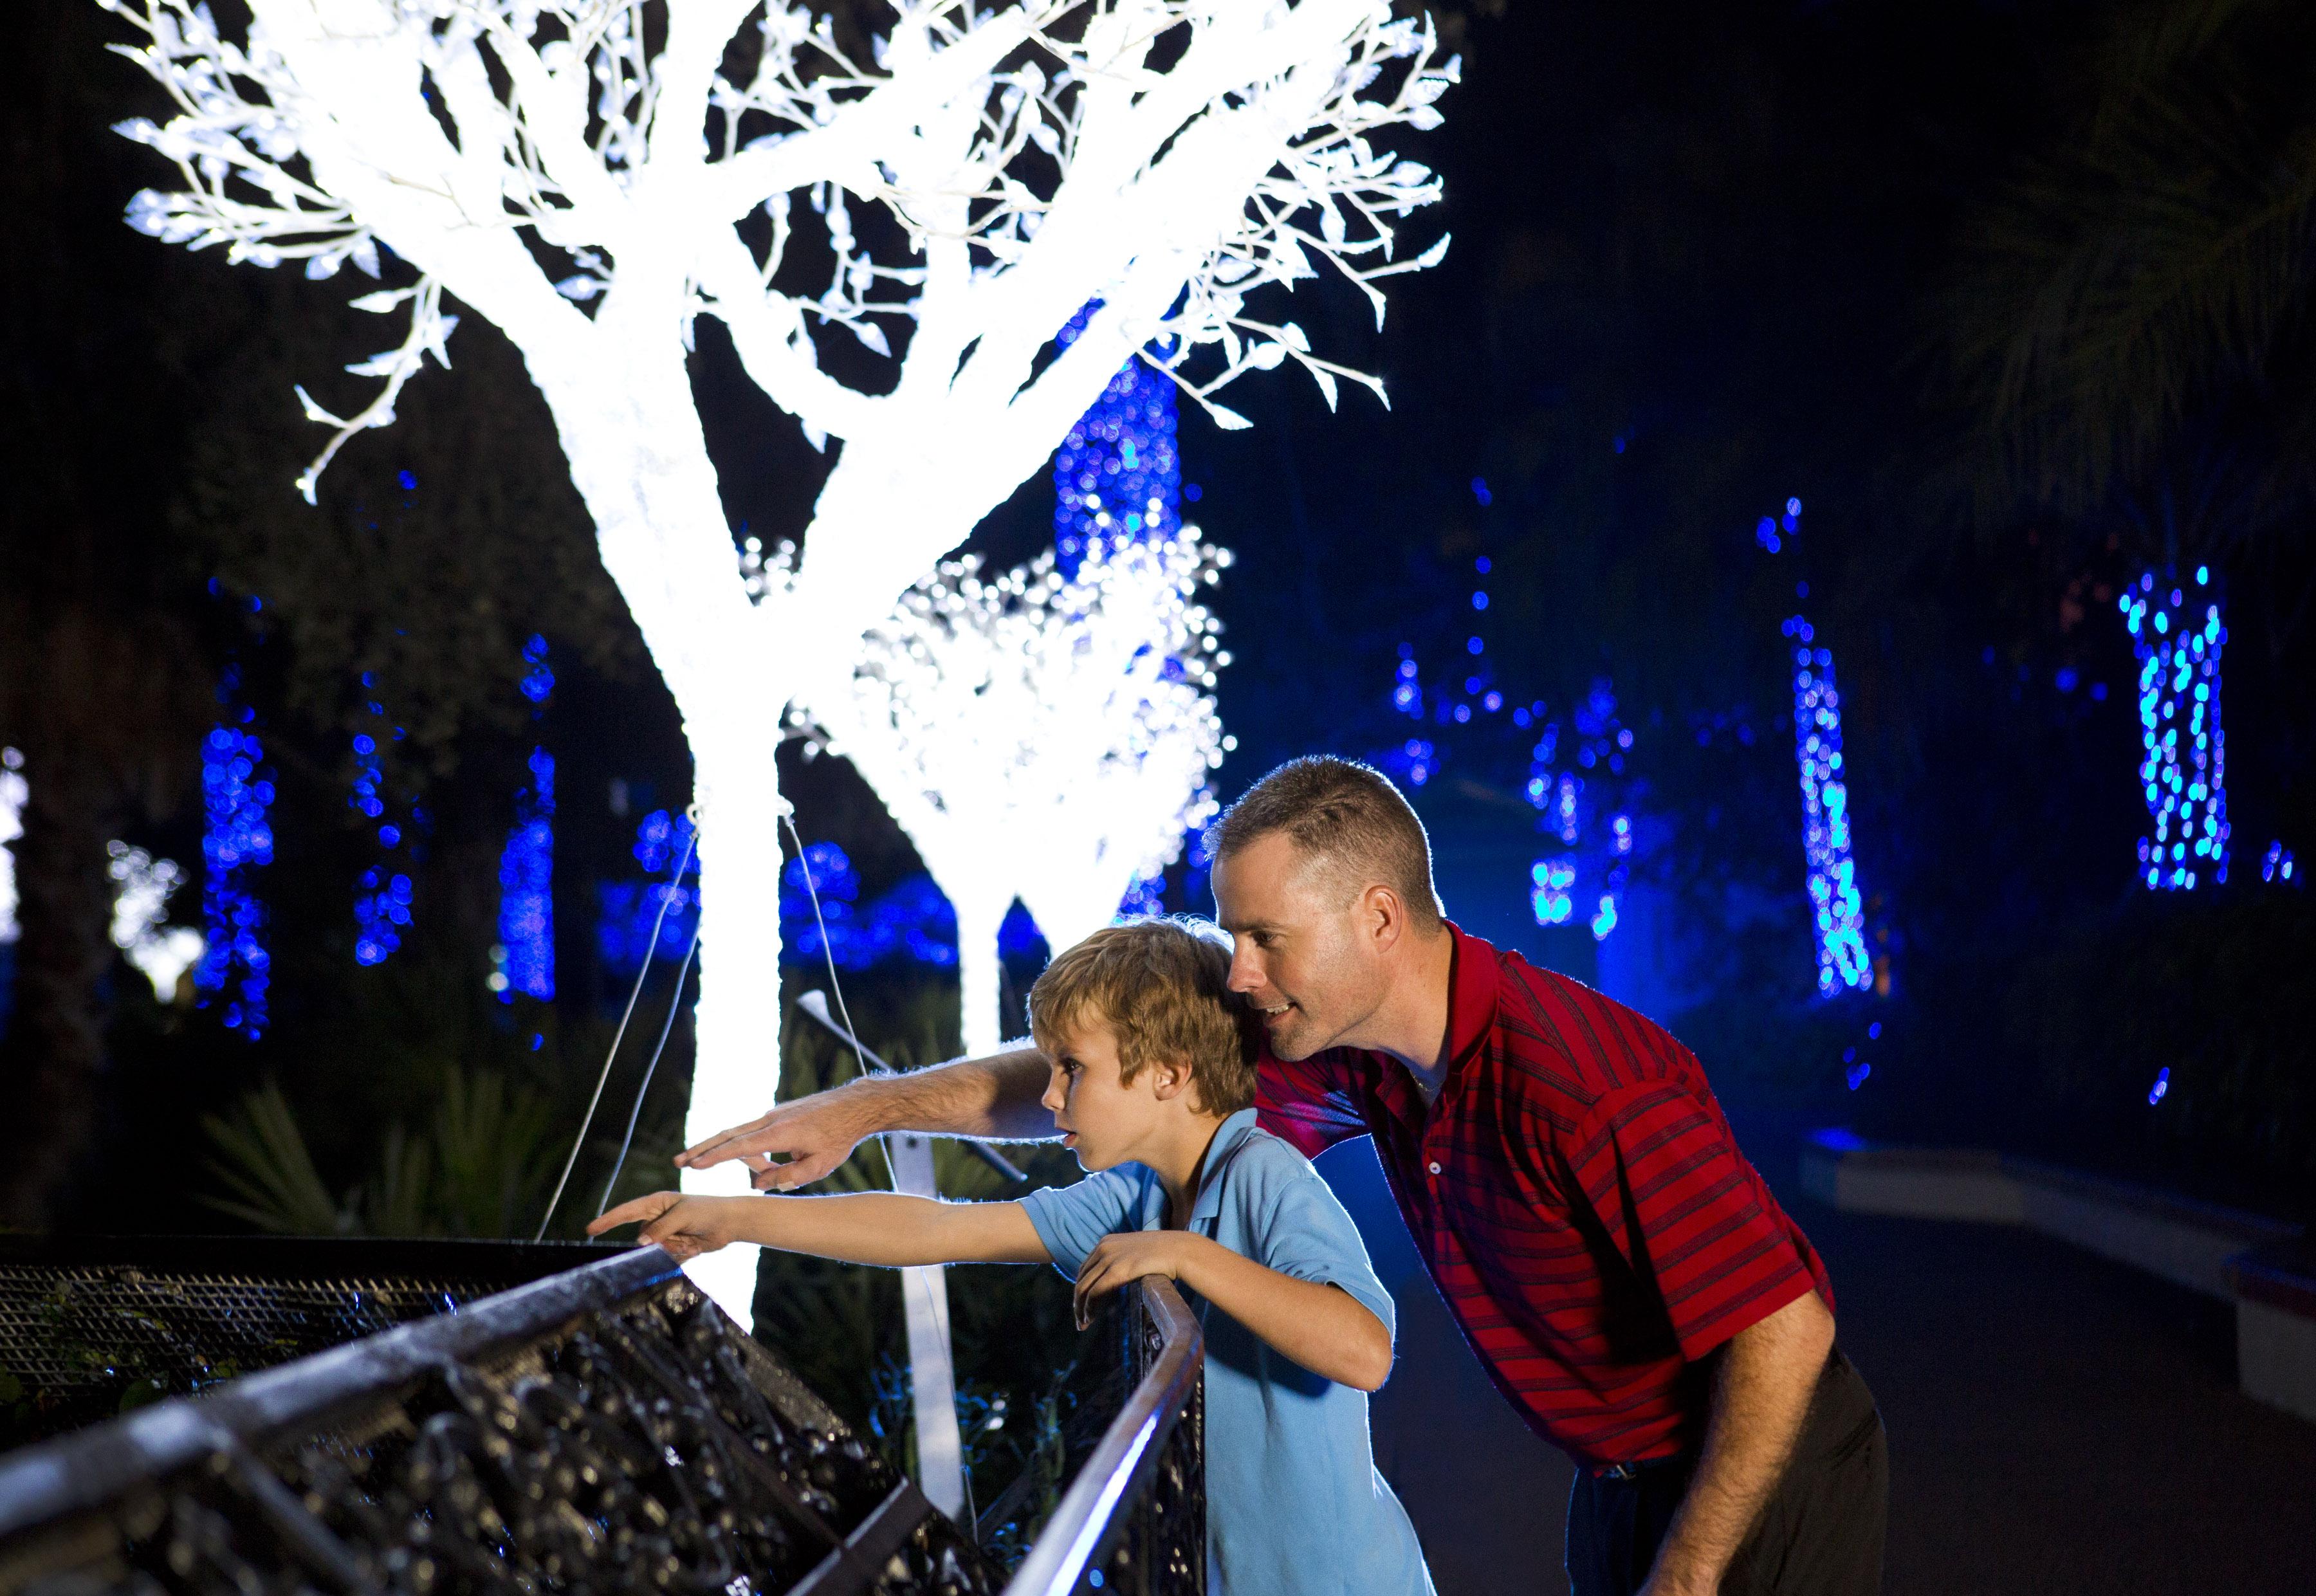 Theme Park Review Busch Gardens Tampa Bay Bgt Bga